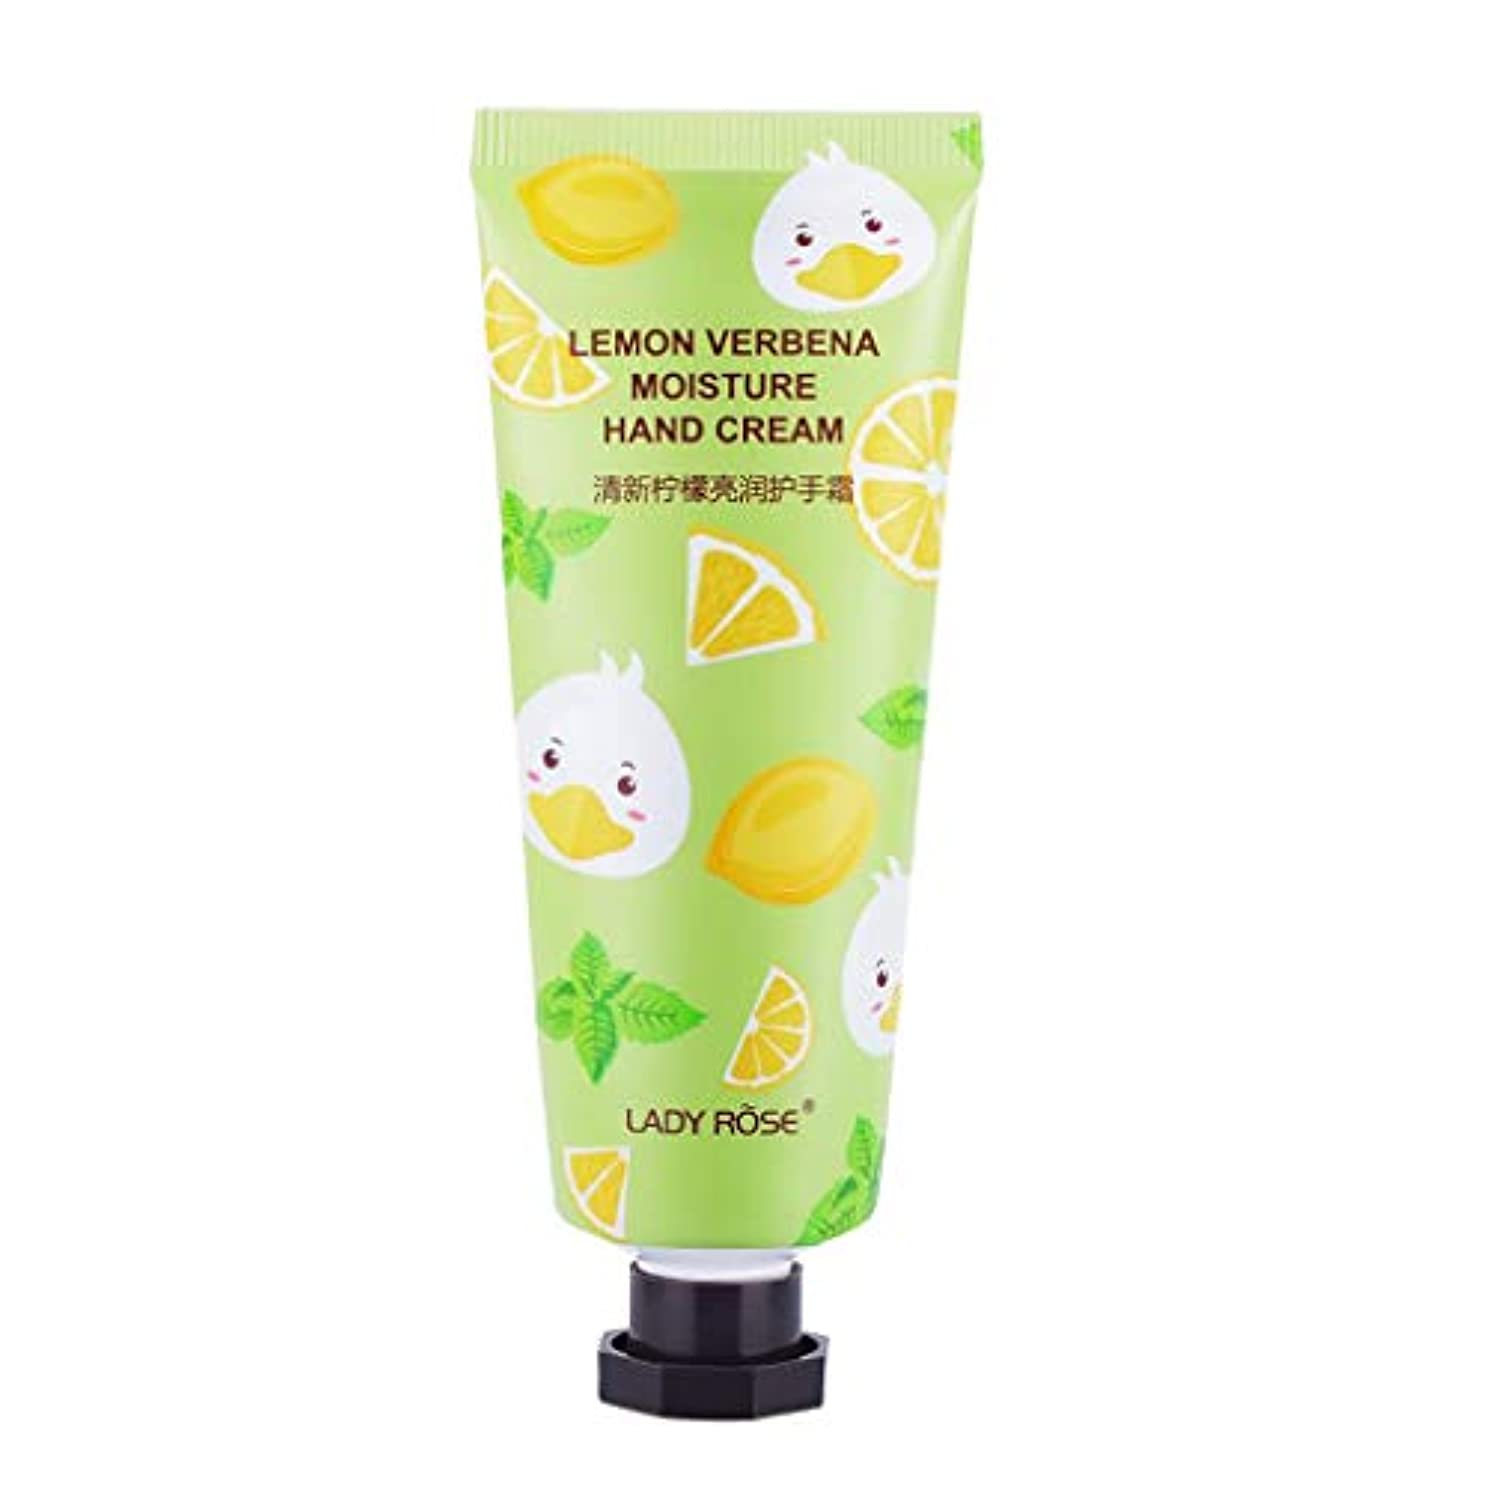 ハドル実業家セッティングハンドクリーム 保湿 ローション 潤い スキンケア ハンドローション 3タイプ選べ - レモン